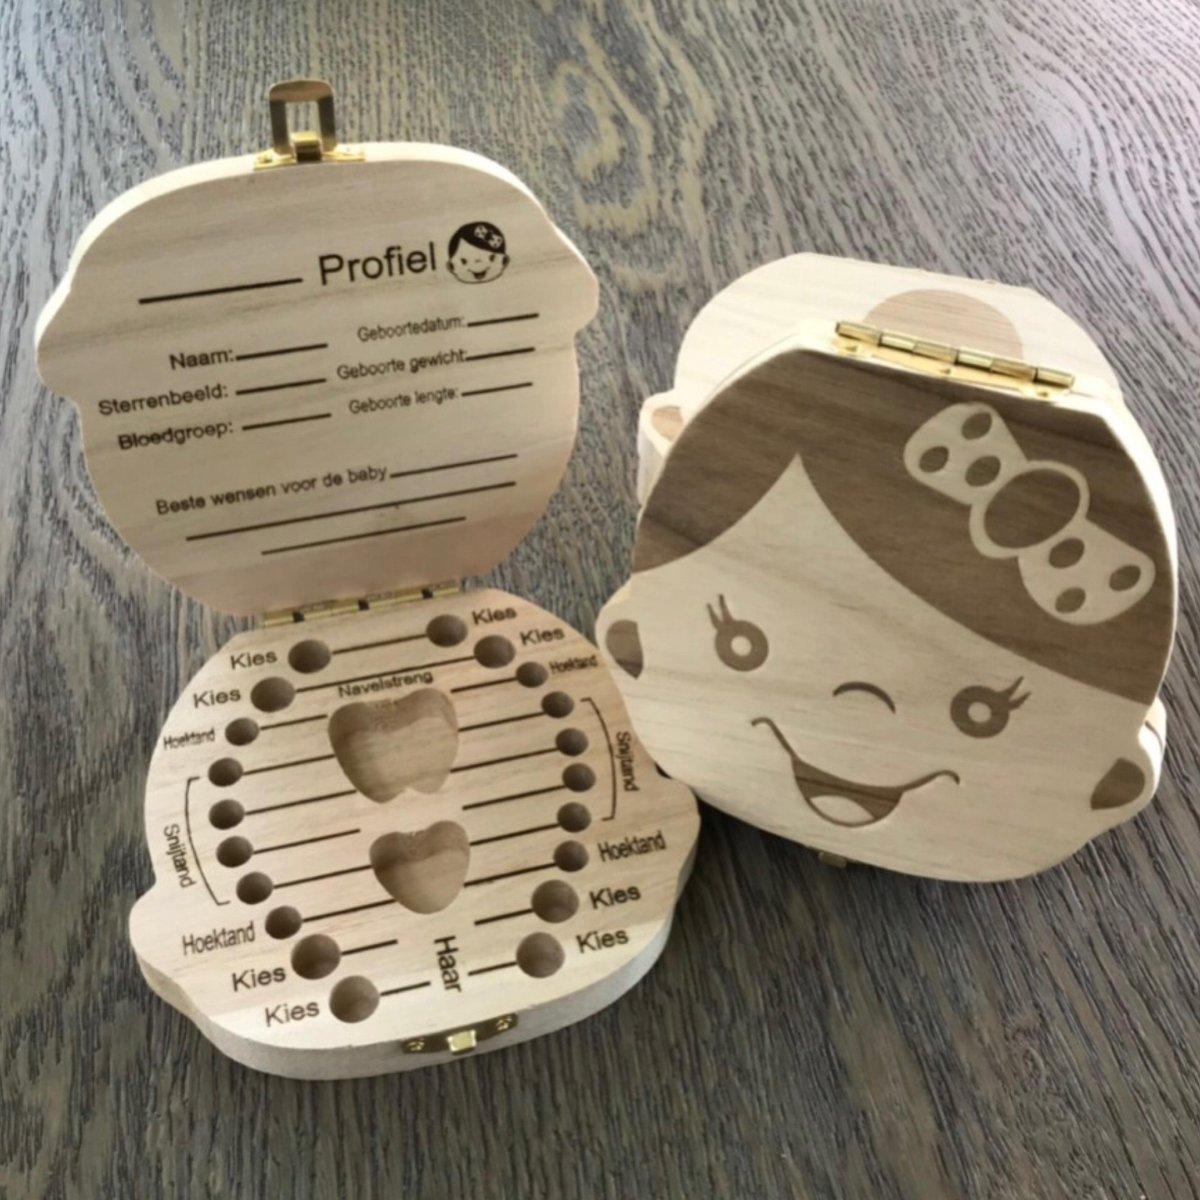 Houten Tandendoosje - Nederlandse versie - Duurzaam en Compact - Meisje - Voor melktanden - Nederlan